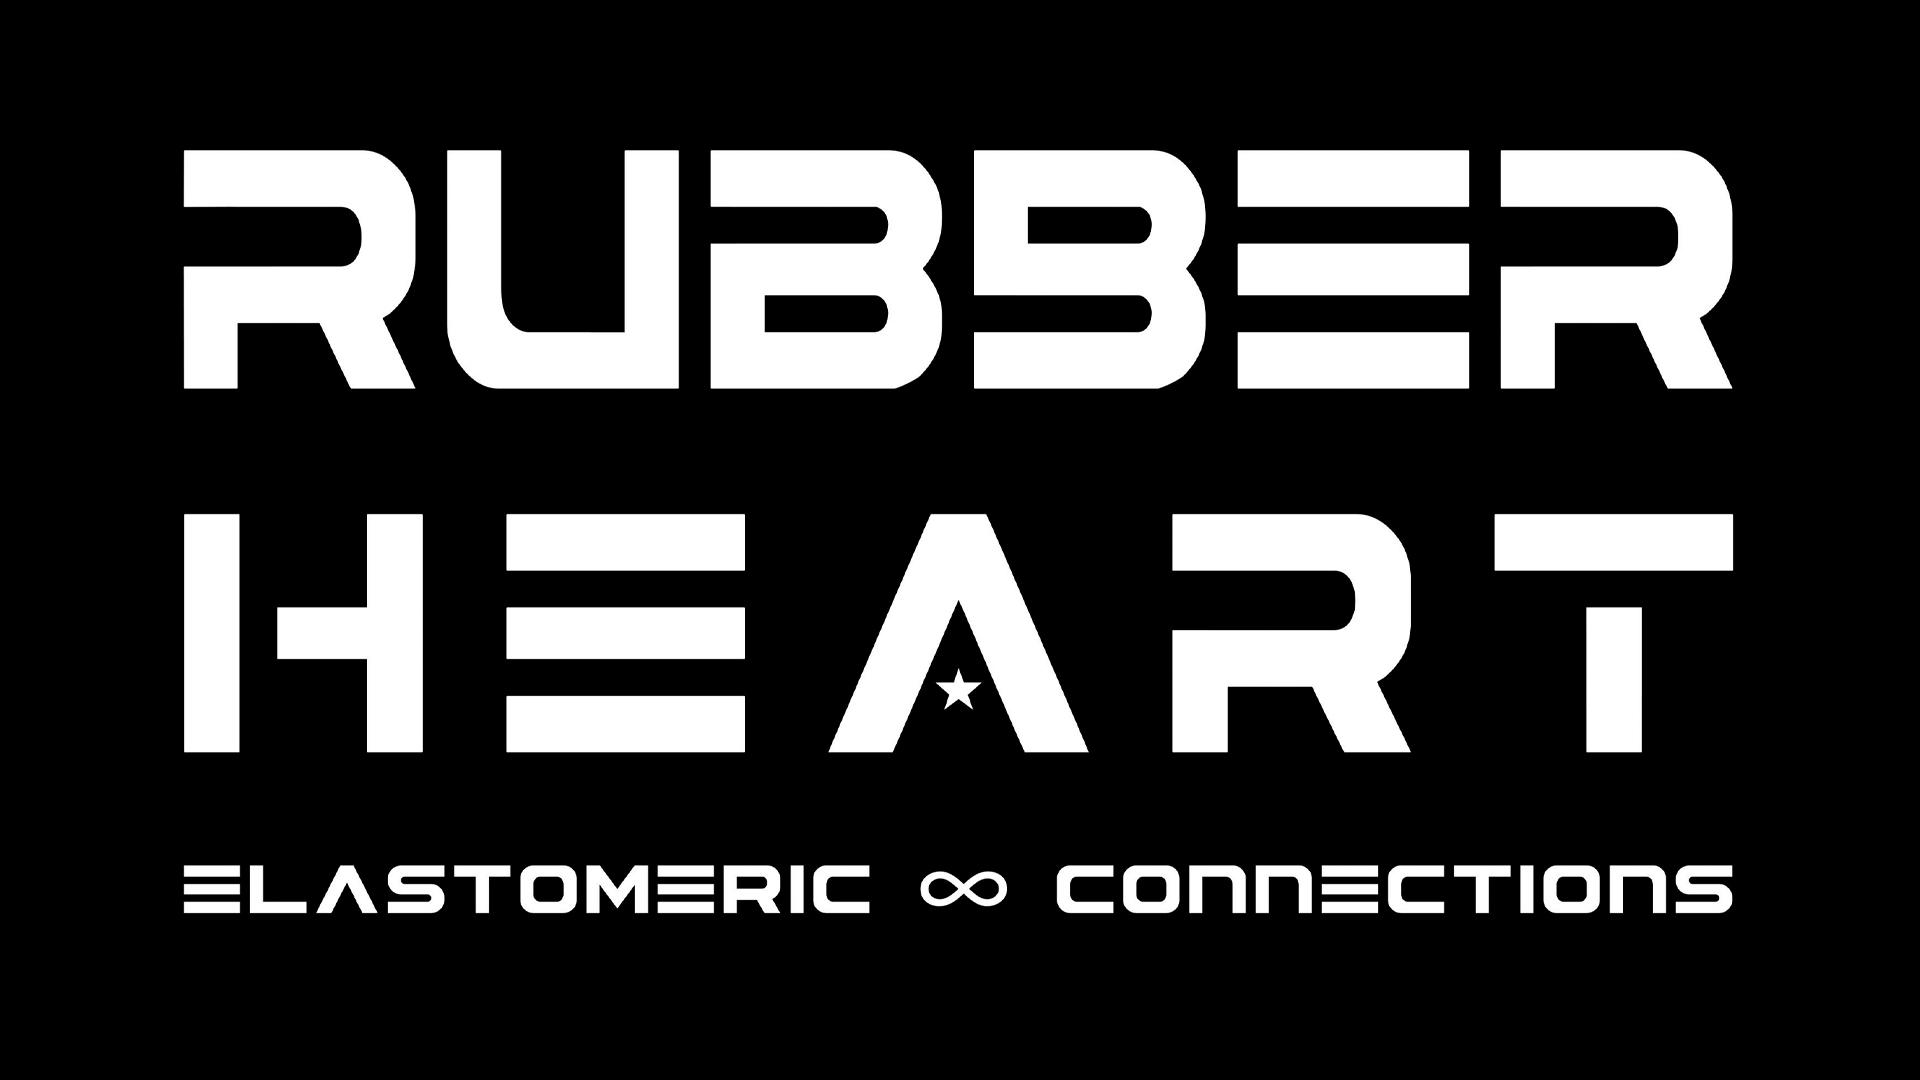 Rubber Heart Ltd - Official Logo